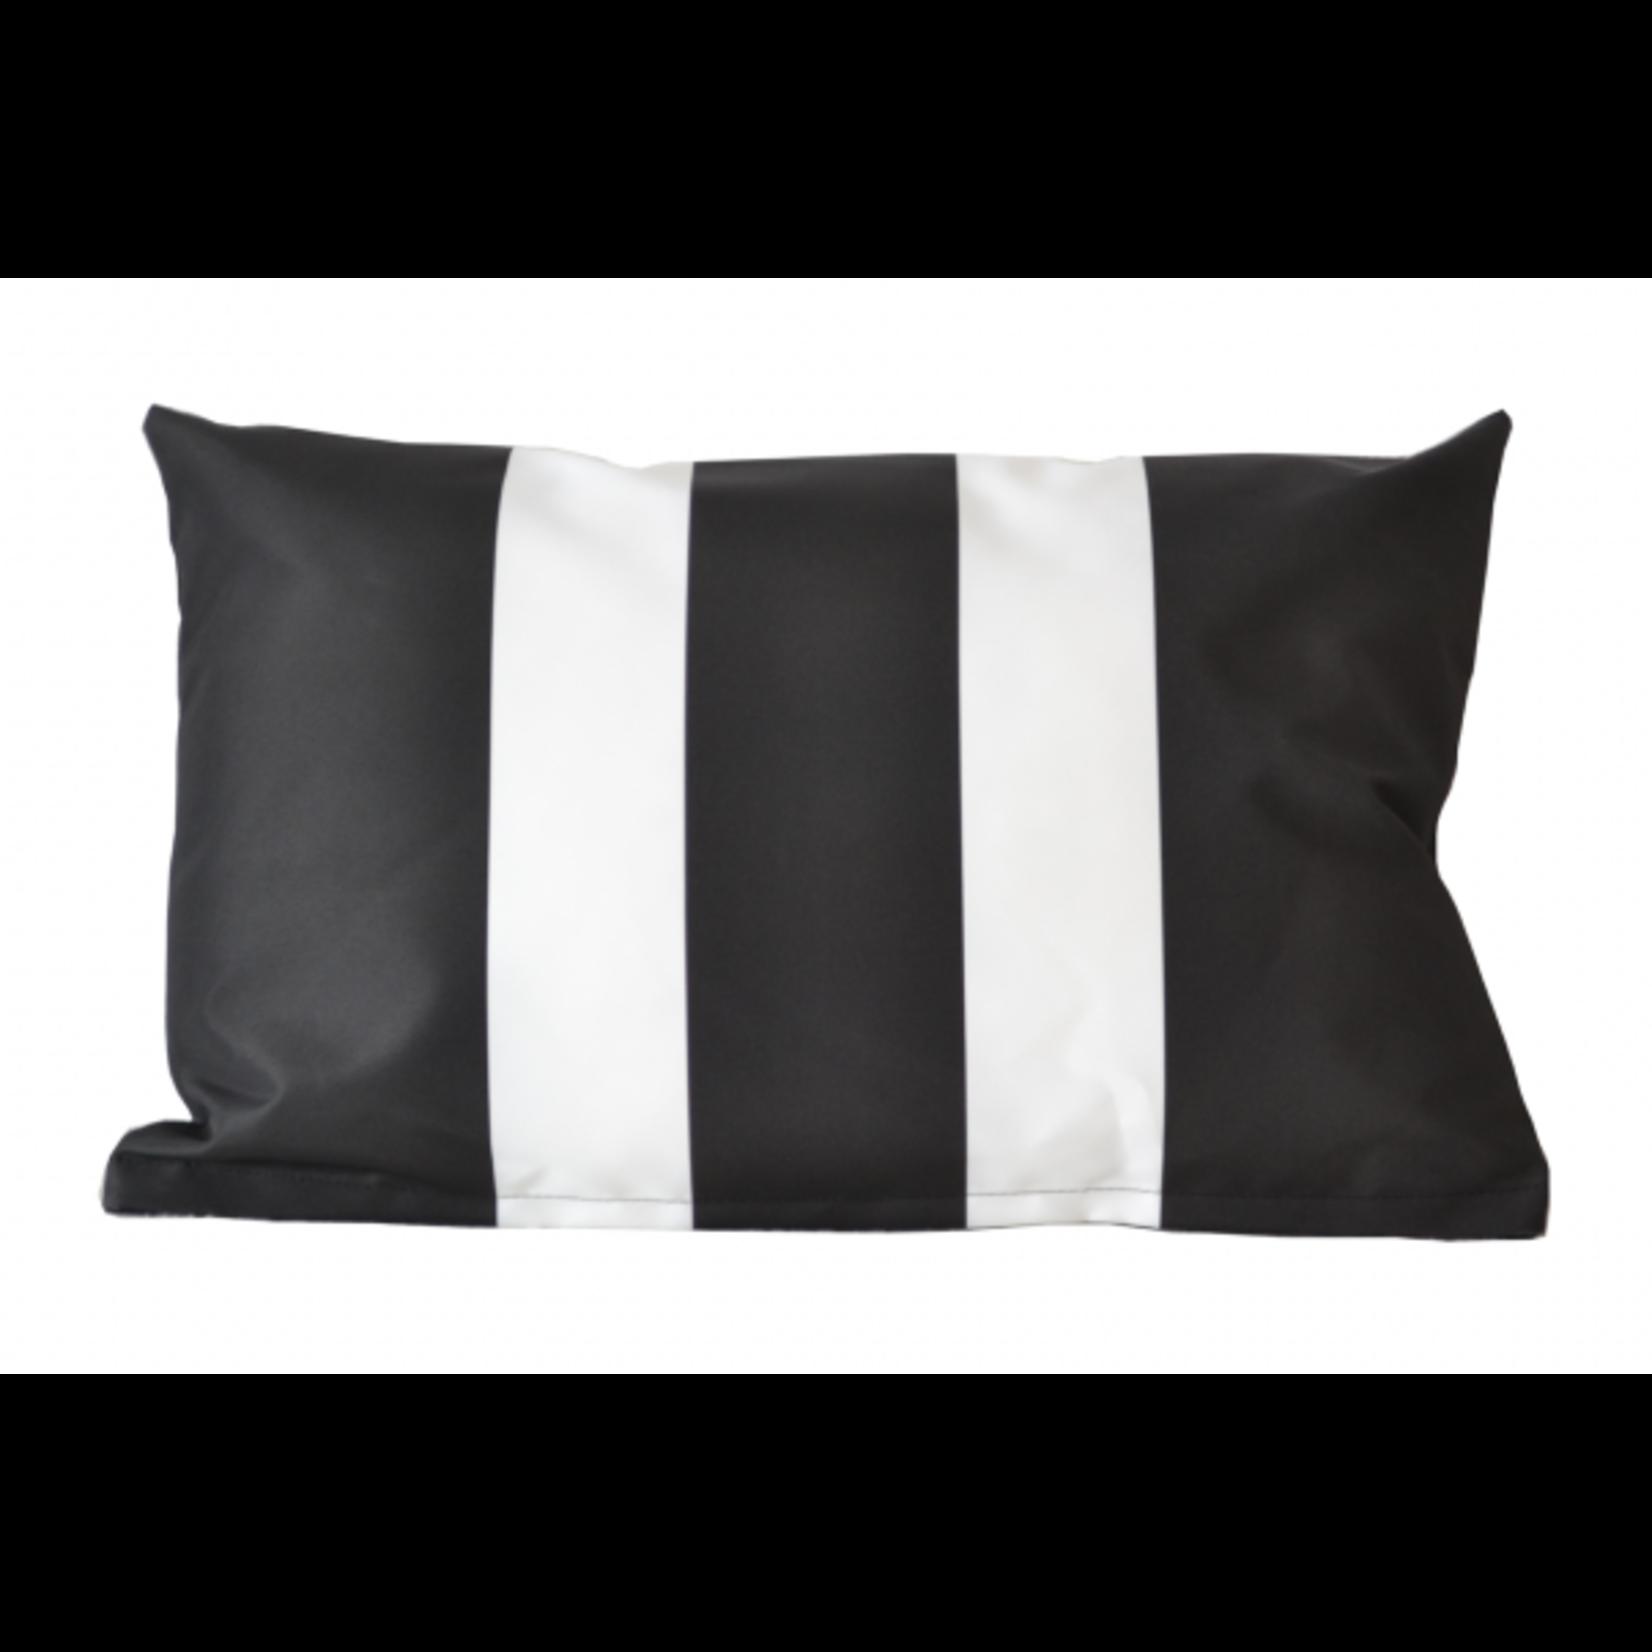 Buitenkussen zwart met witte strepen